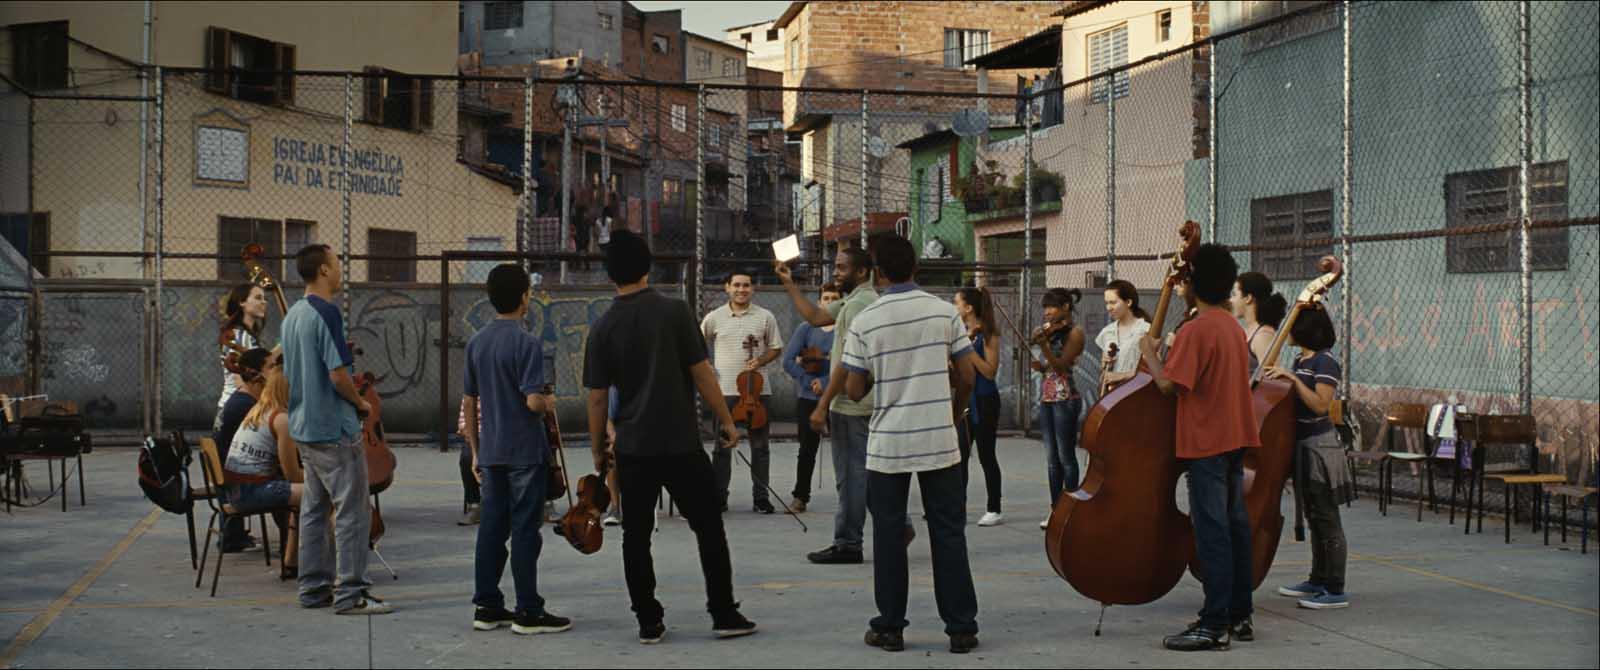 Le professeur de violon 8